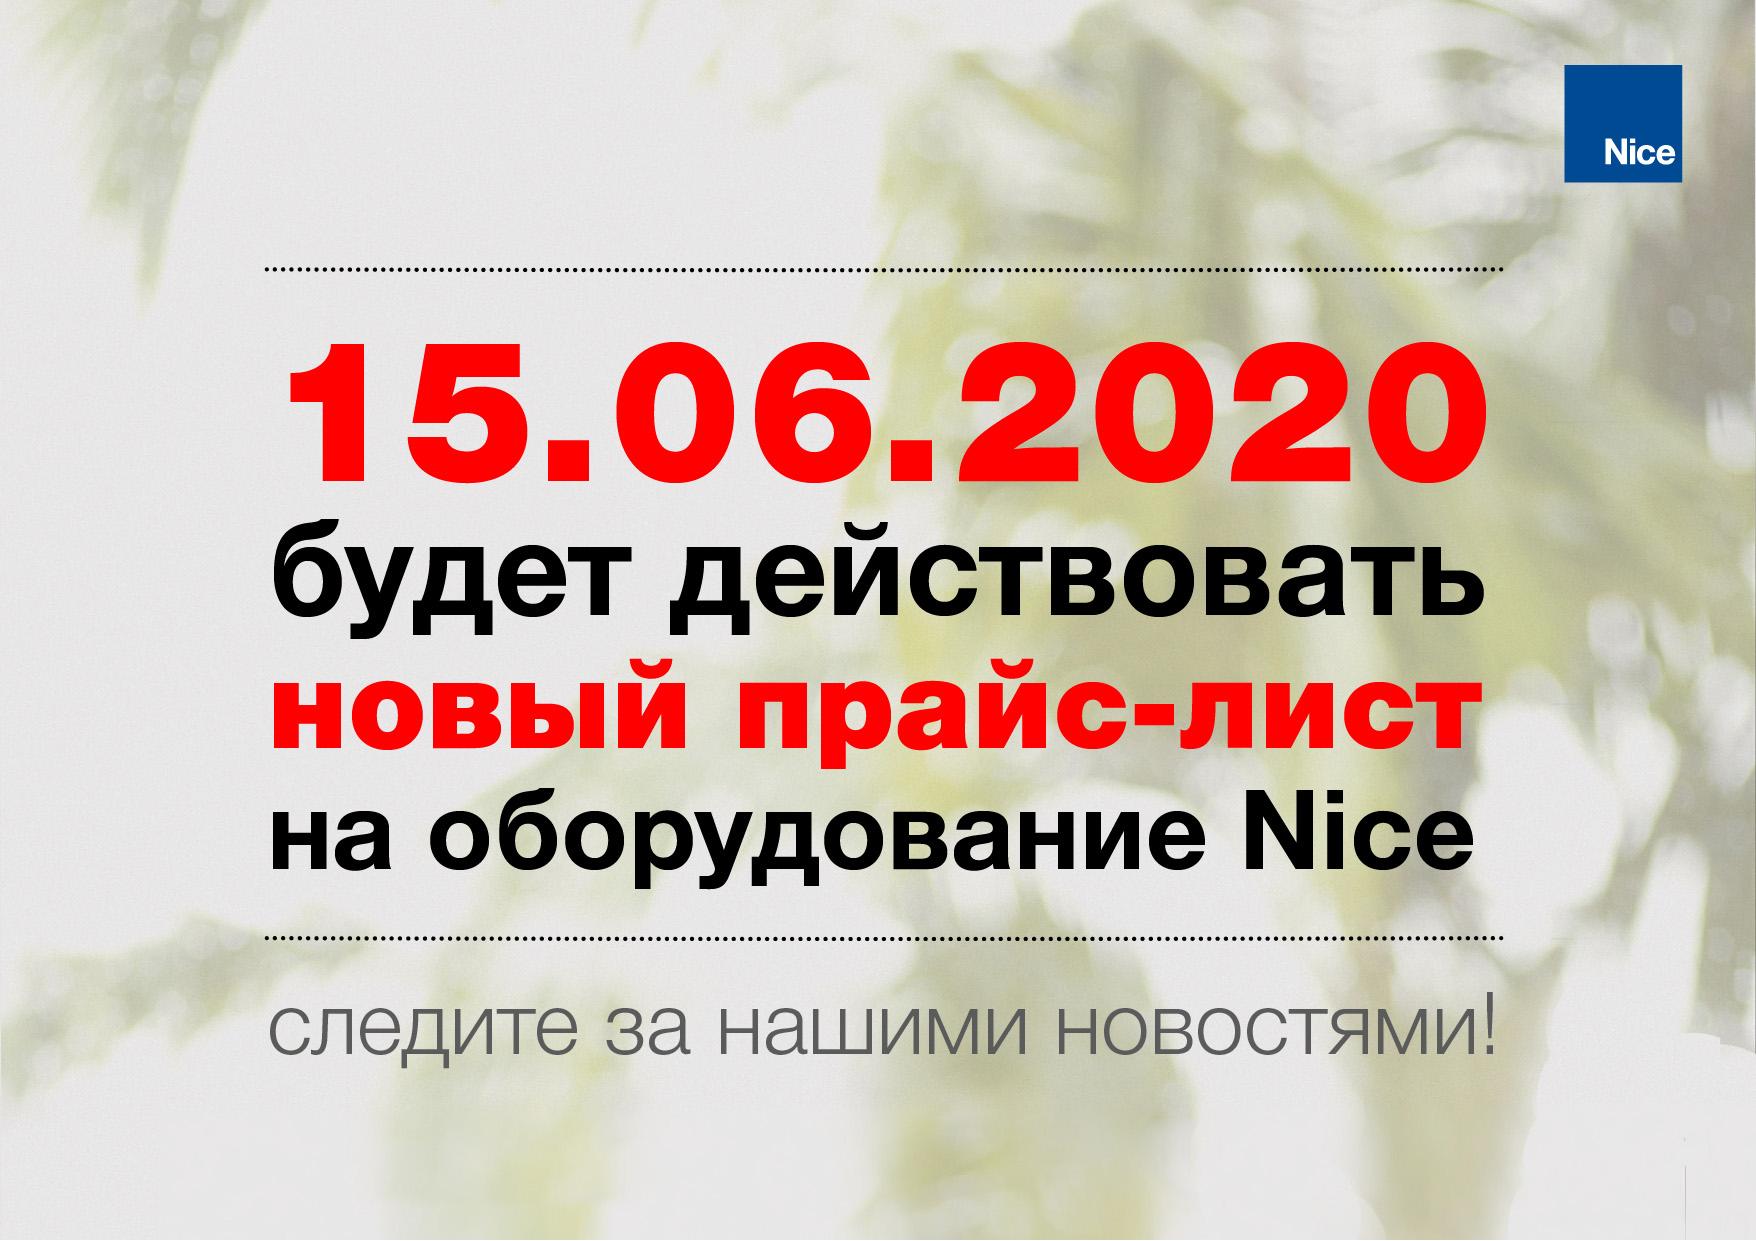 ВНИМАНИЕ! с 15 июня 2020 года будет действовать новый прайс-лист на оборудование Nice!